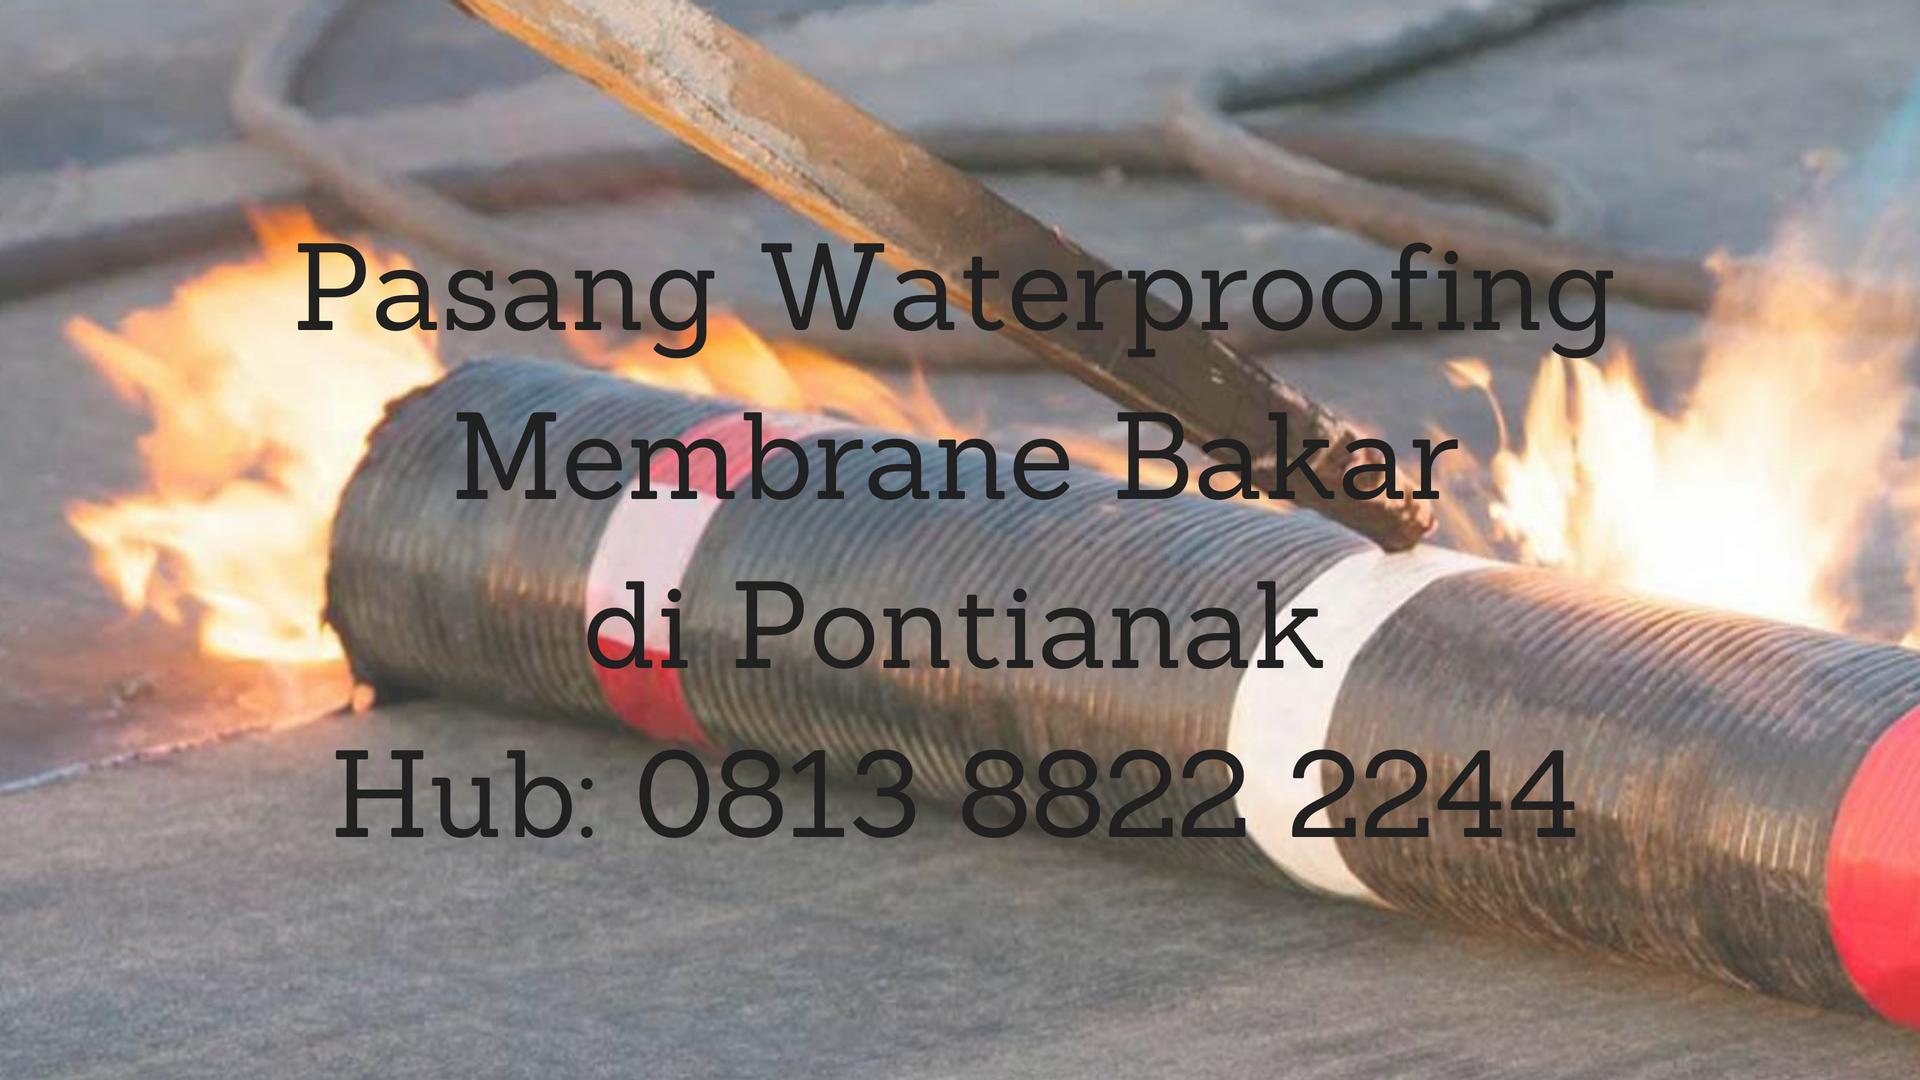 JASA PASANG WATERPROFING MEMBRANE BAKAR DI PONTIANAK. HUB: 0813 8822 2244